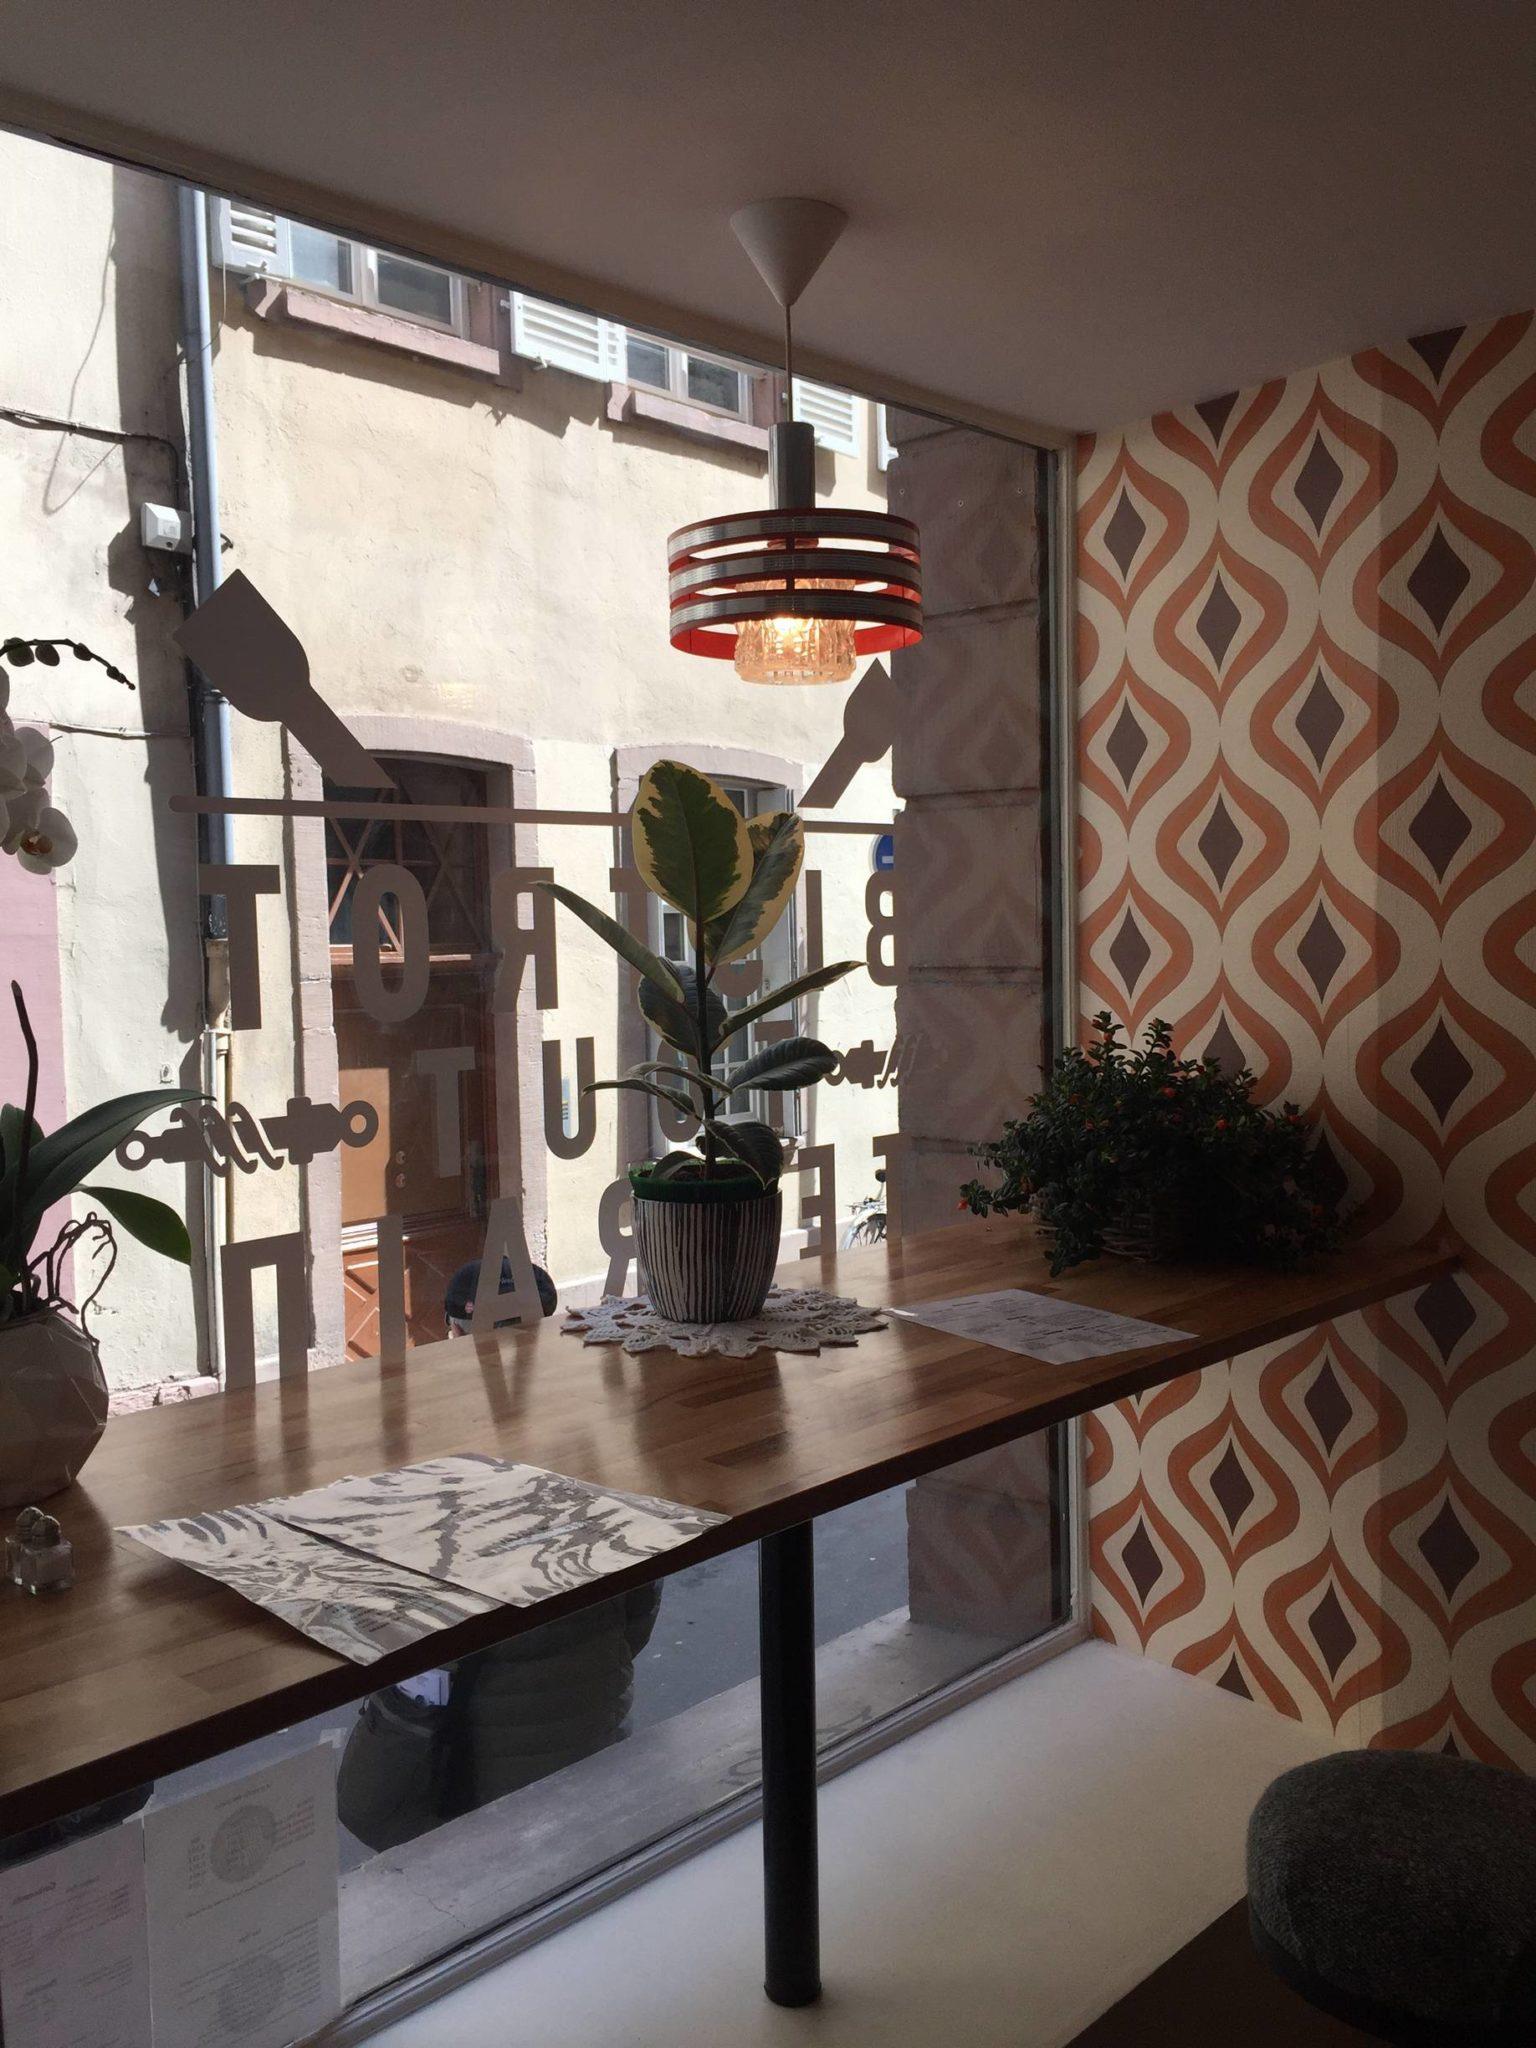 kapou test n 96 en voiture simone bar salon de th et hotdogs. Black Bedroom Furniture Sets. Home Design Ideas